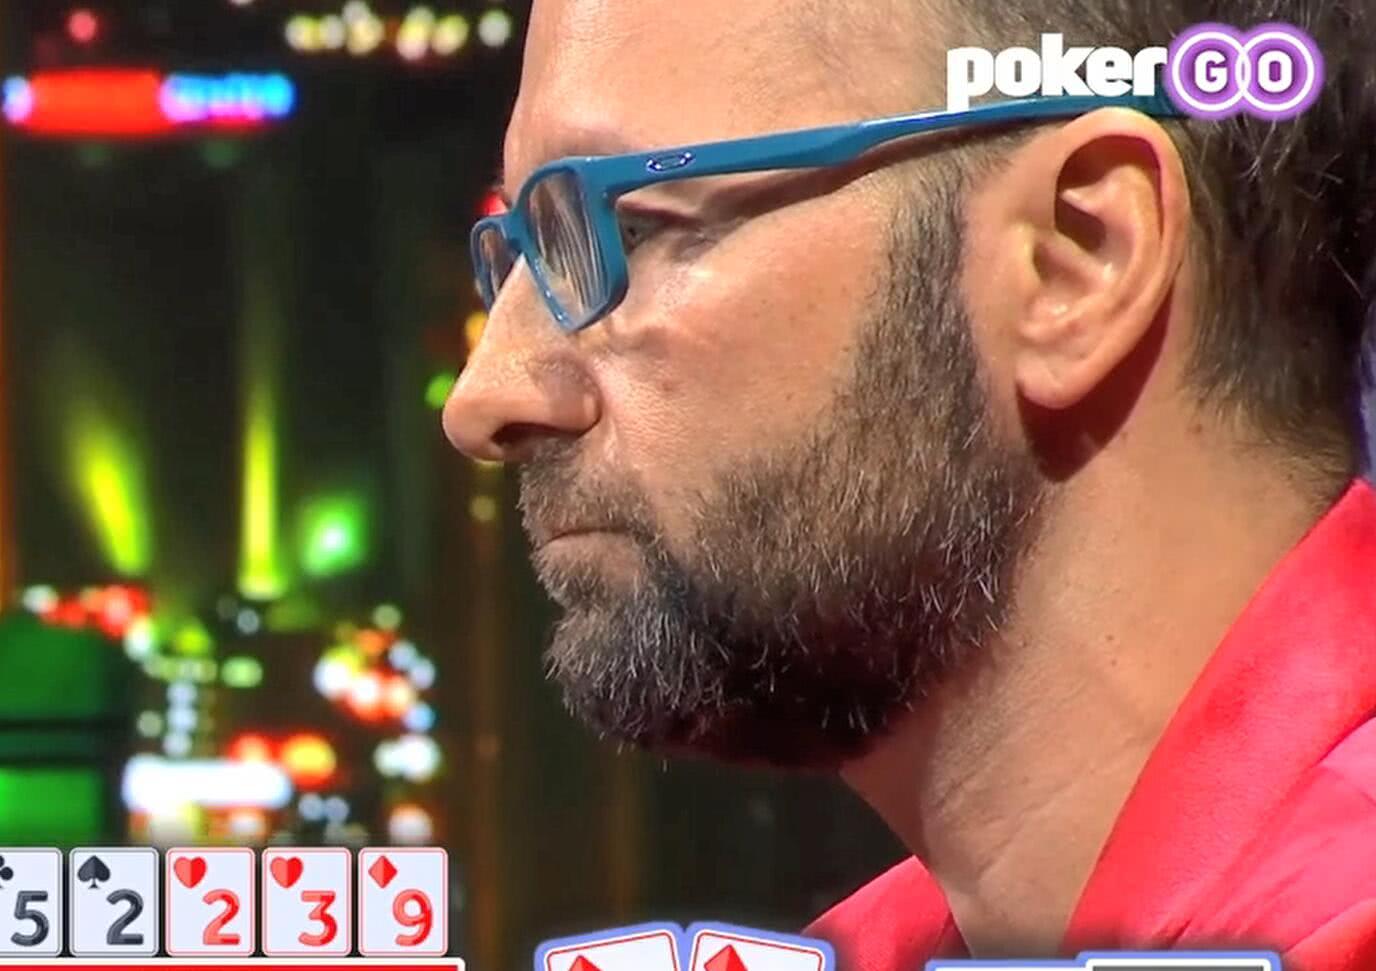 【辣眼视频】丹牛这手AK被牌面搞懵,两张延时卡用完居然还是支付了他